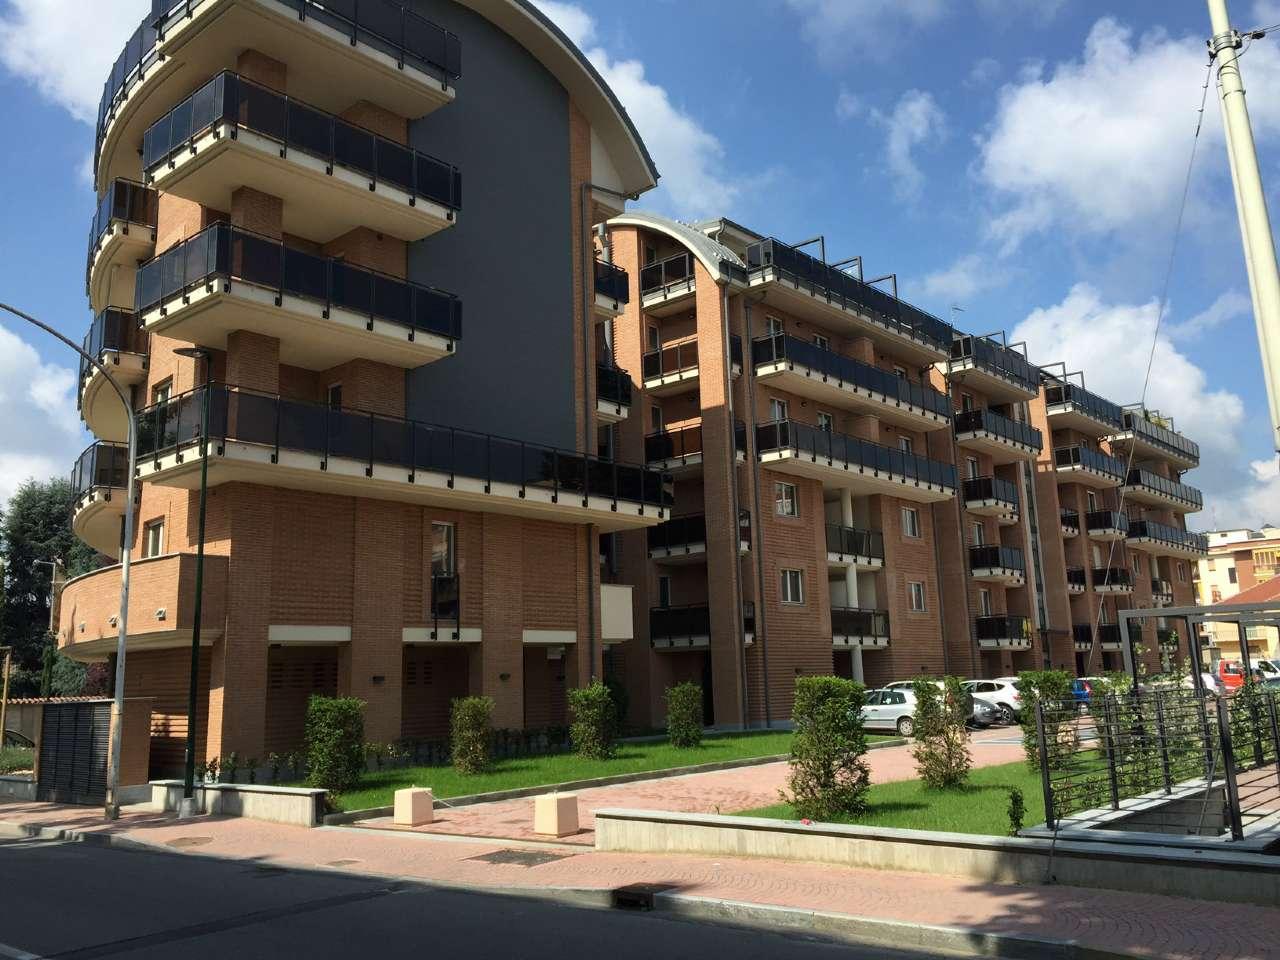 Attico / Mansarda in vendita a Chieri, 7 locali, prezzo € 550.000 | Cambio Casa.it